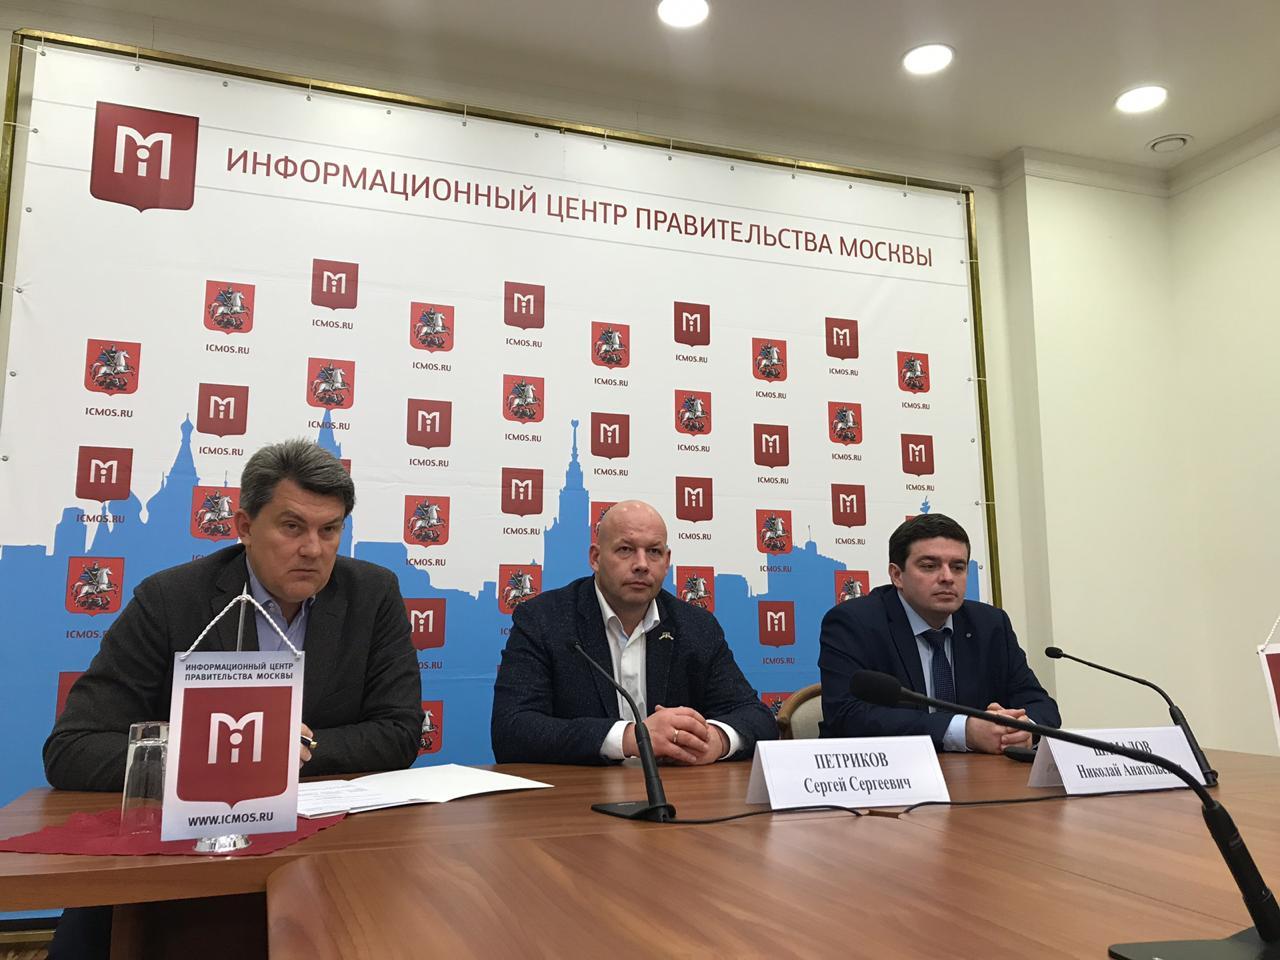 Пять факторов повышения эффективности в борьбе с инсультом рассмотрели в Правительстве Москвы